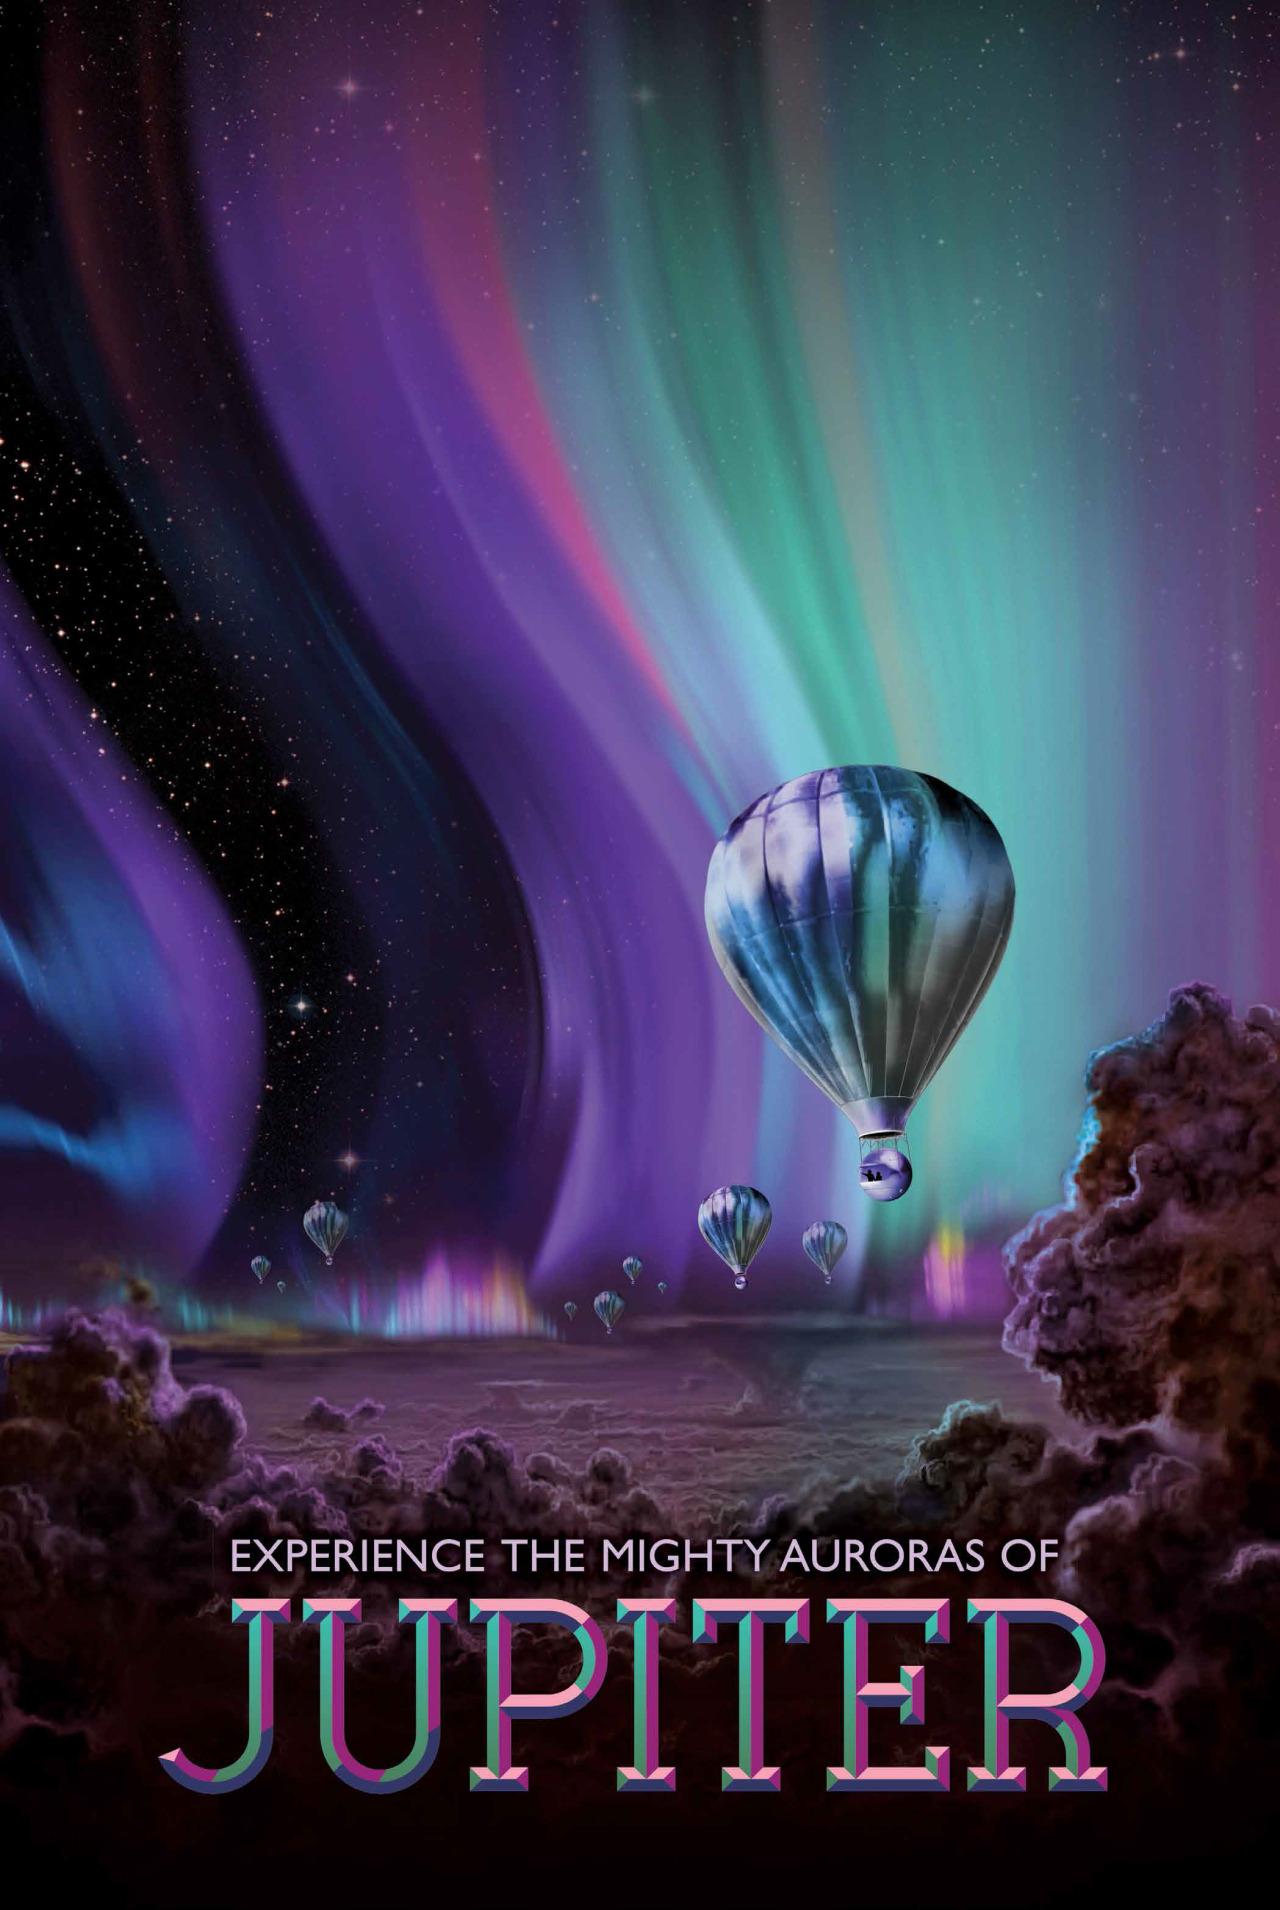 L'AURORA PIÙ BELLA? SU GIOVE.Preparatevi allo spettacolo di luci più sofisticato che abbiate mai visto da quando bazzicate gli spazioporti del Sistema Solare. Vi presentiamo: Giove e le sue aurore polari. Centinaia di volte più potenti di quelle che si possono osservare dal circolo polare terrestre. Un miracolo in technicolor. Crediti: NASA